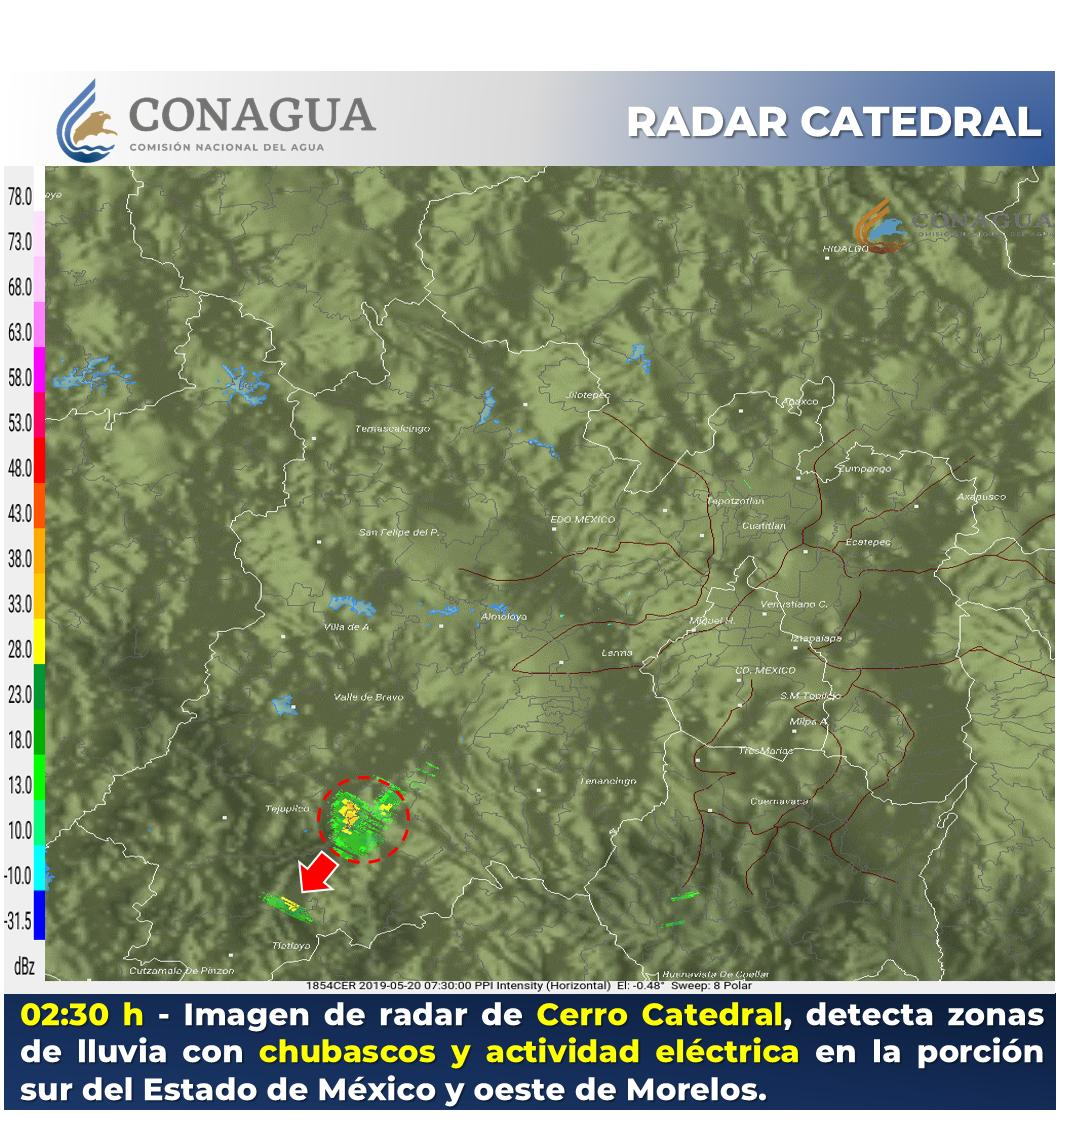 Imagen de radar de Cerro Catedral de las 02:30 h, detecta #Lluvia con #Chubascos y #ActividadEléctrica en #EdoMéx. y #Morelos.